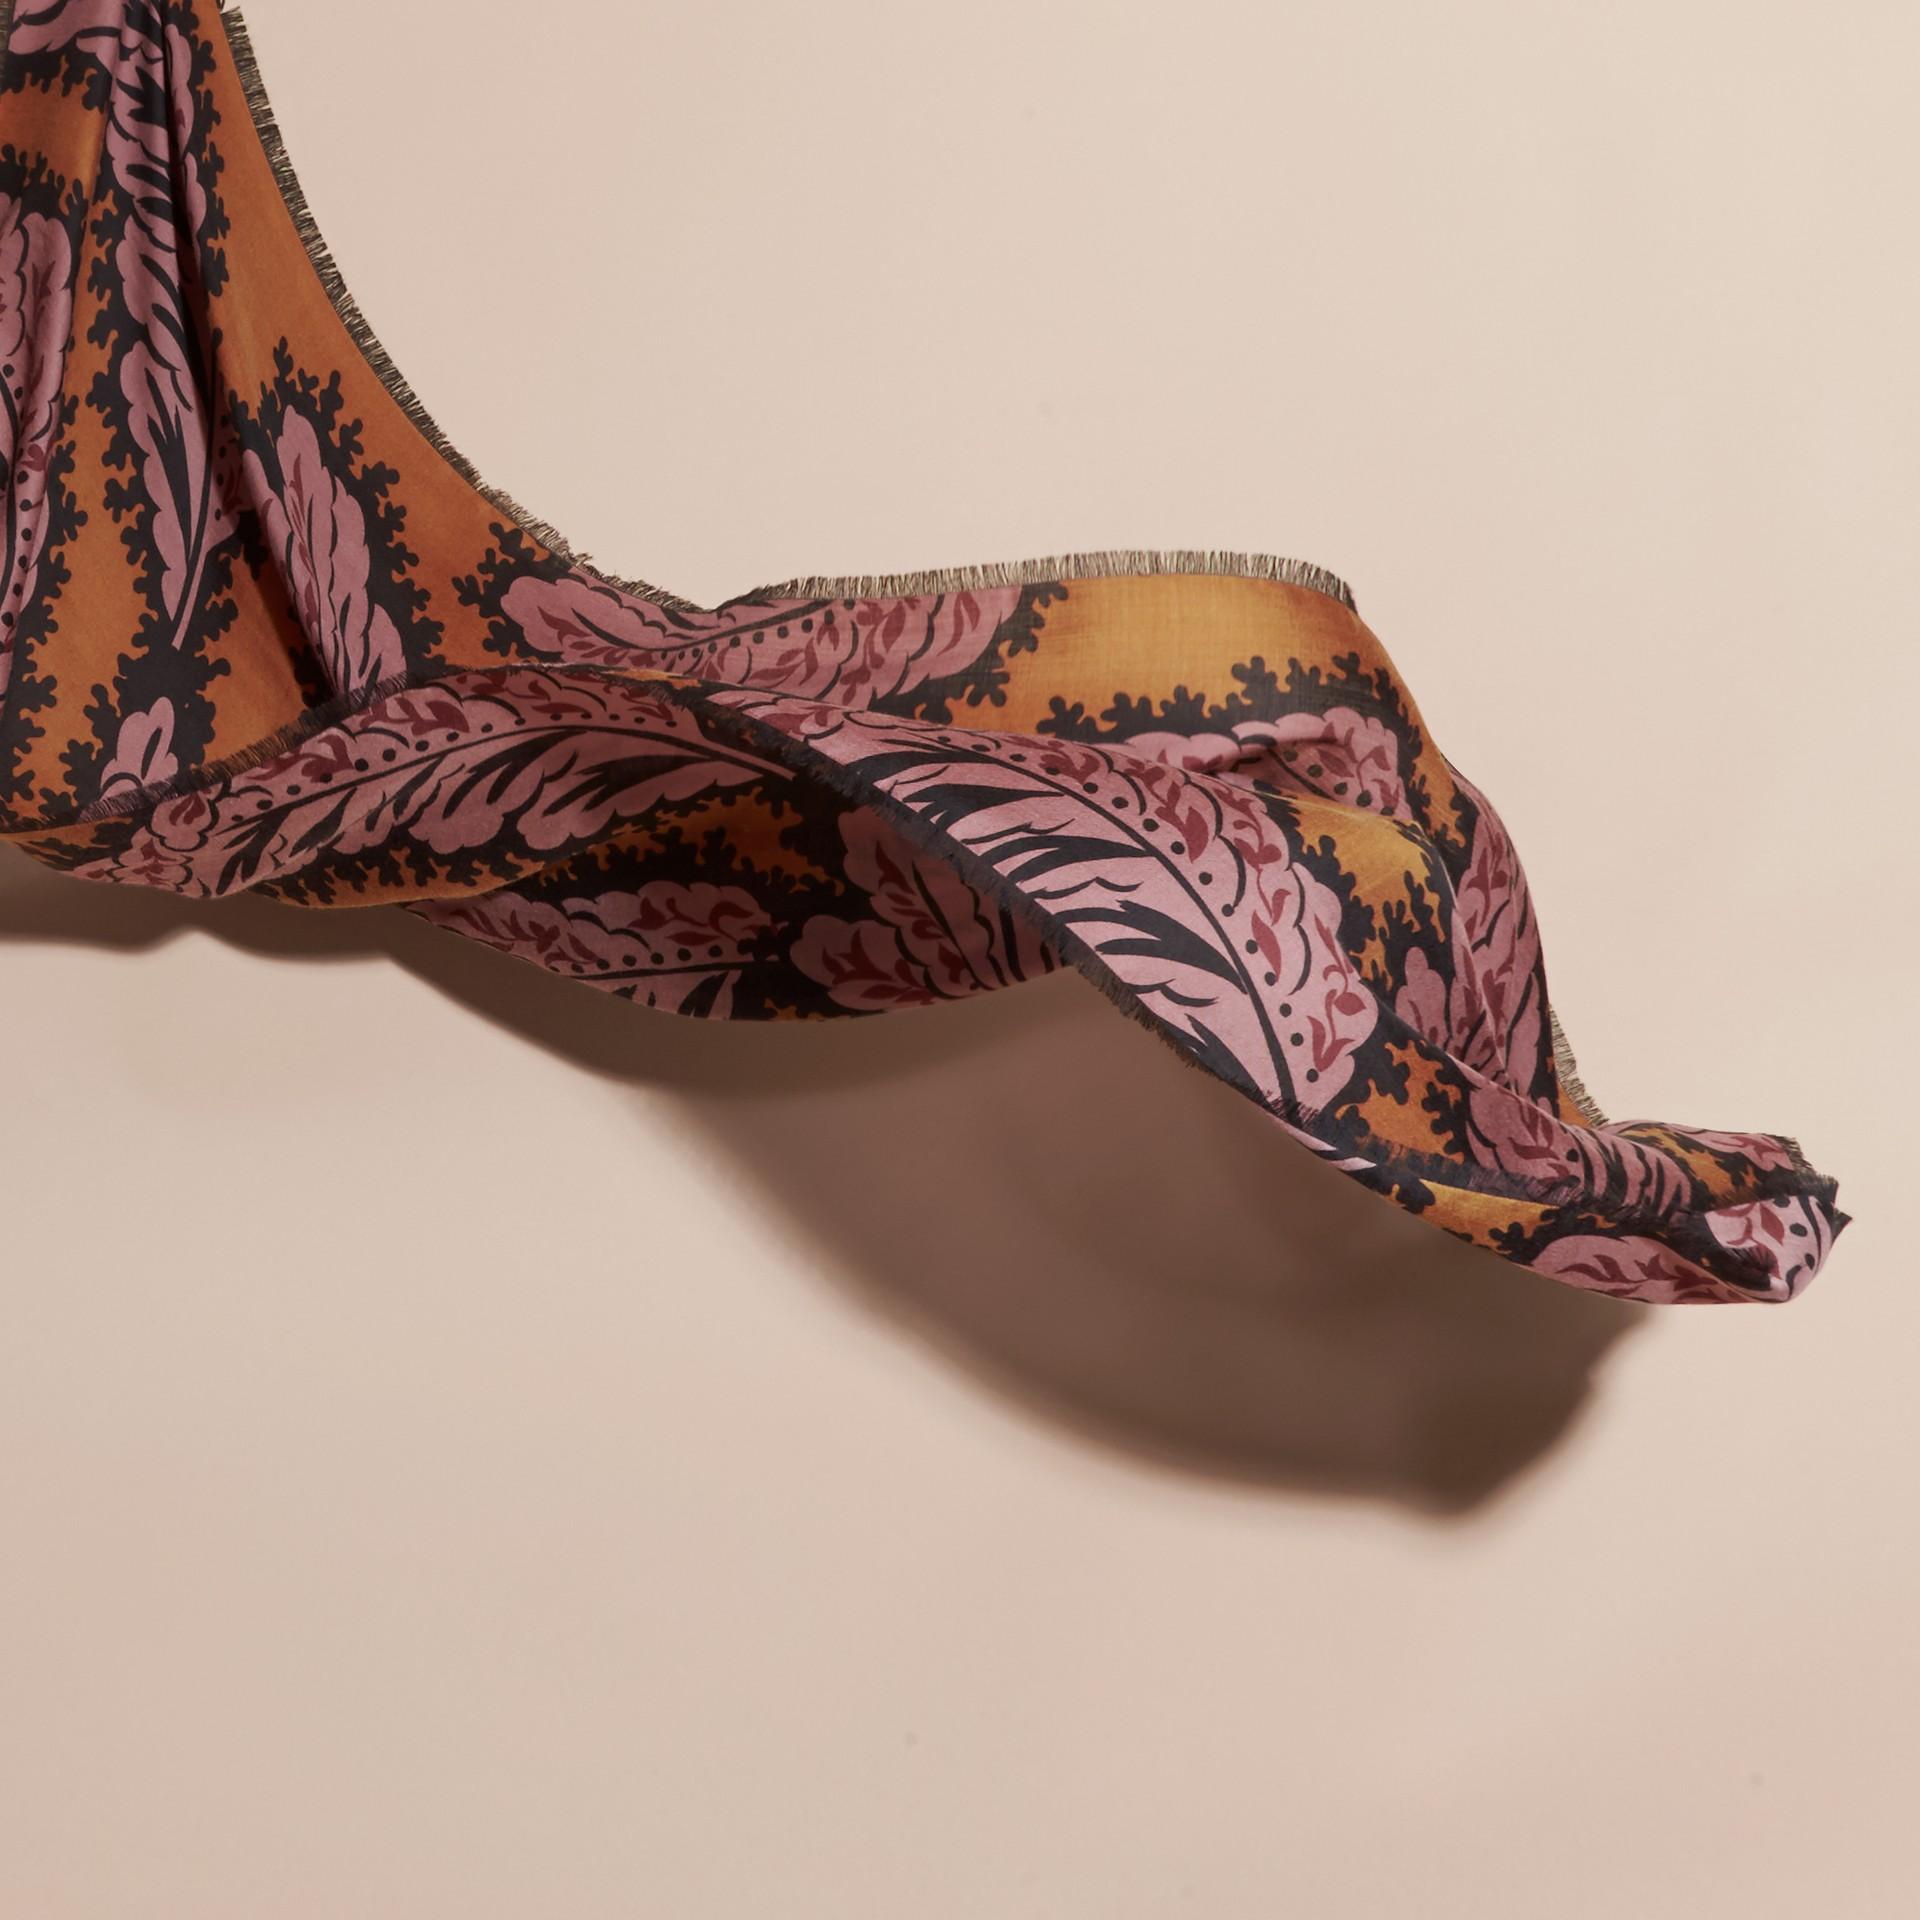 Toffee vif Foulard en cachemire à imprimé feuillage Toffee Vif - photo de la galerie 4